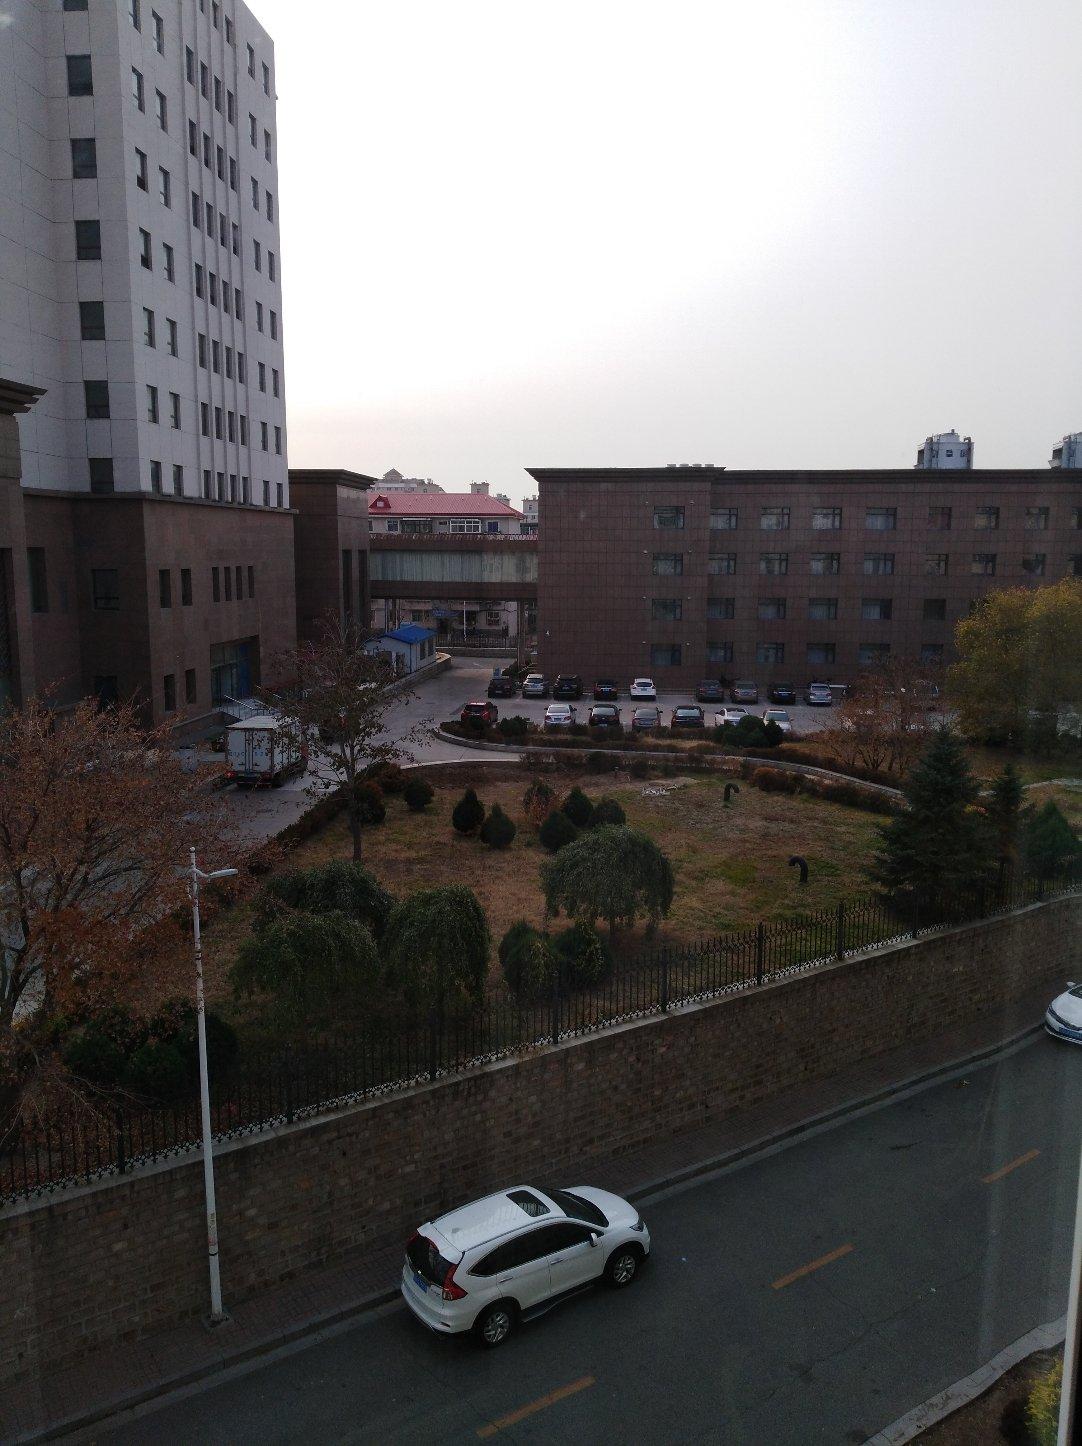 辽宁省锦州市古塔区石油东街靠近锦州石油宾馆天气预报